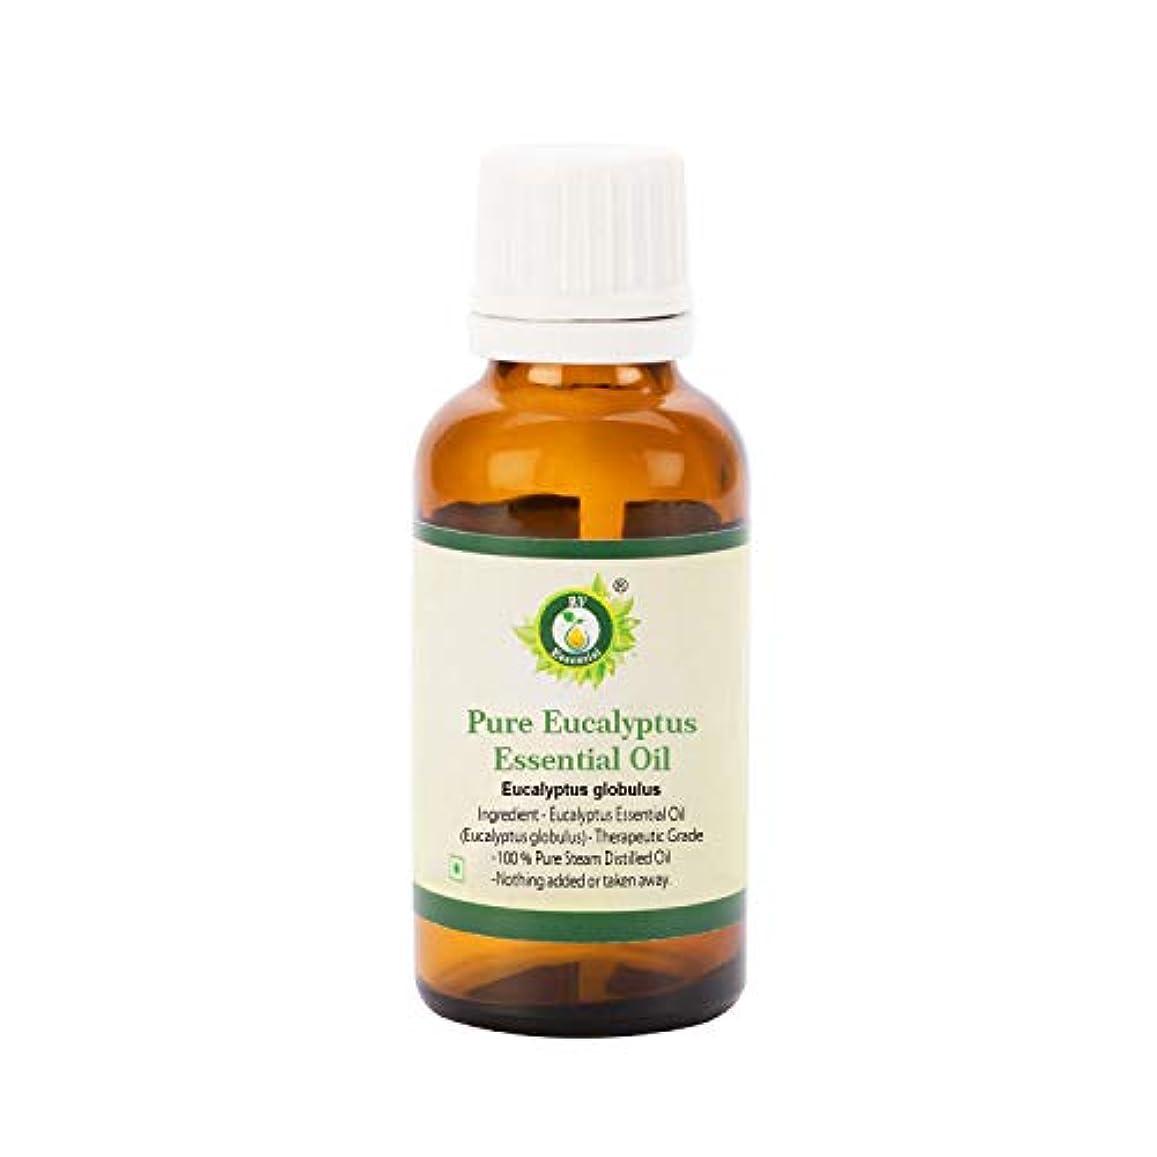 メニューホイッスル重々しいR V Essential ピュアユーカリエッセンシャルオイル100ml (3.38oz)- Eucalyptus globulus (100%純粋&天然スチームDistilled) Pure Eucalyptus Essential...